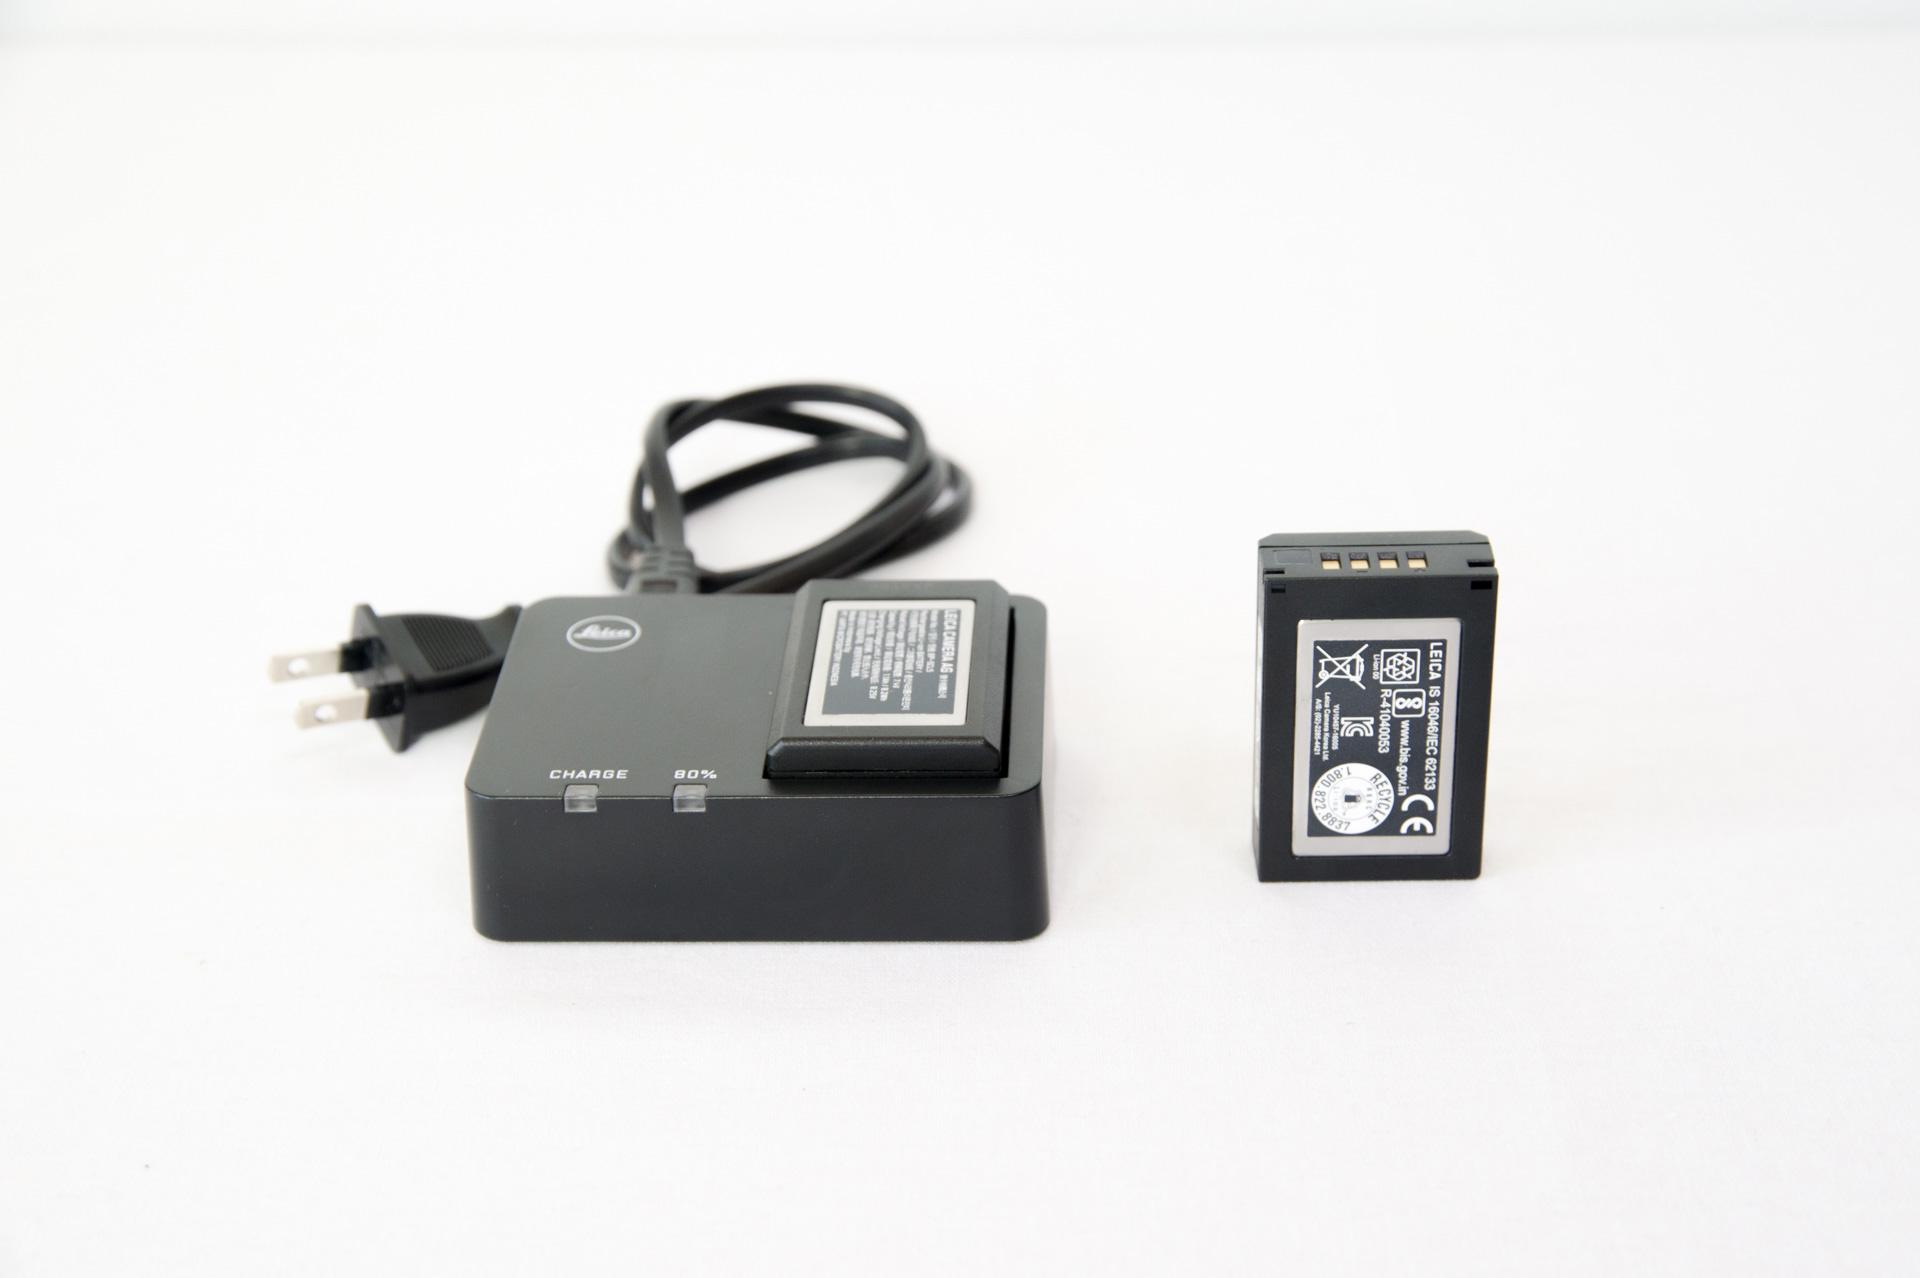 Leica M10-Dレビュー06 <バッテリーの持ちについて>